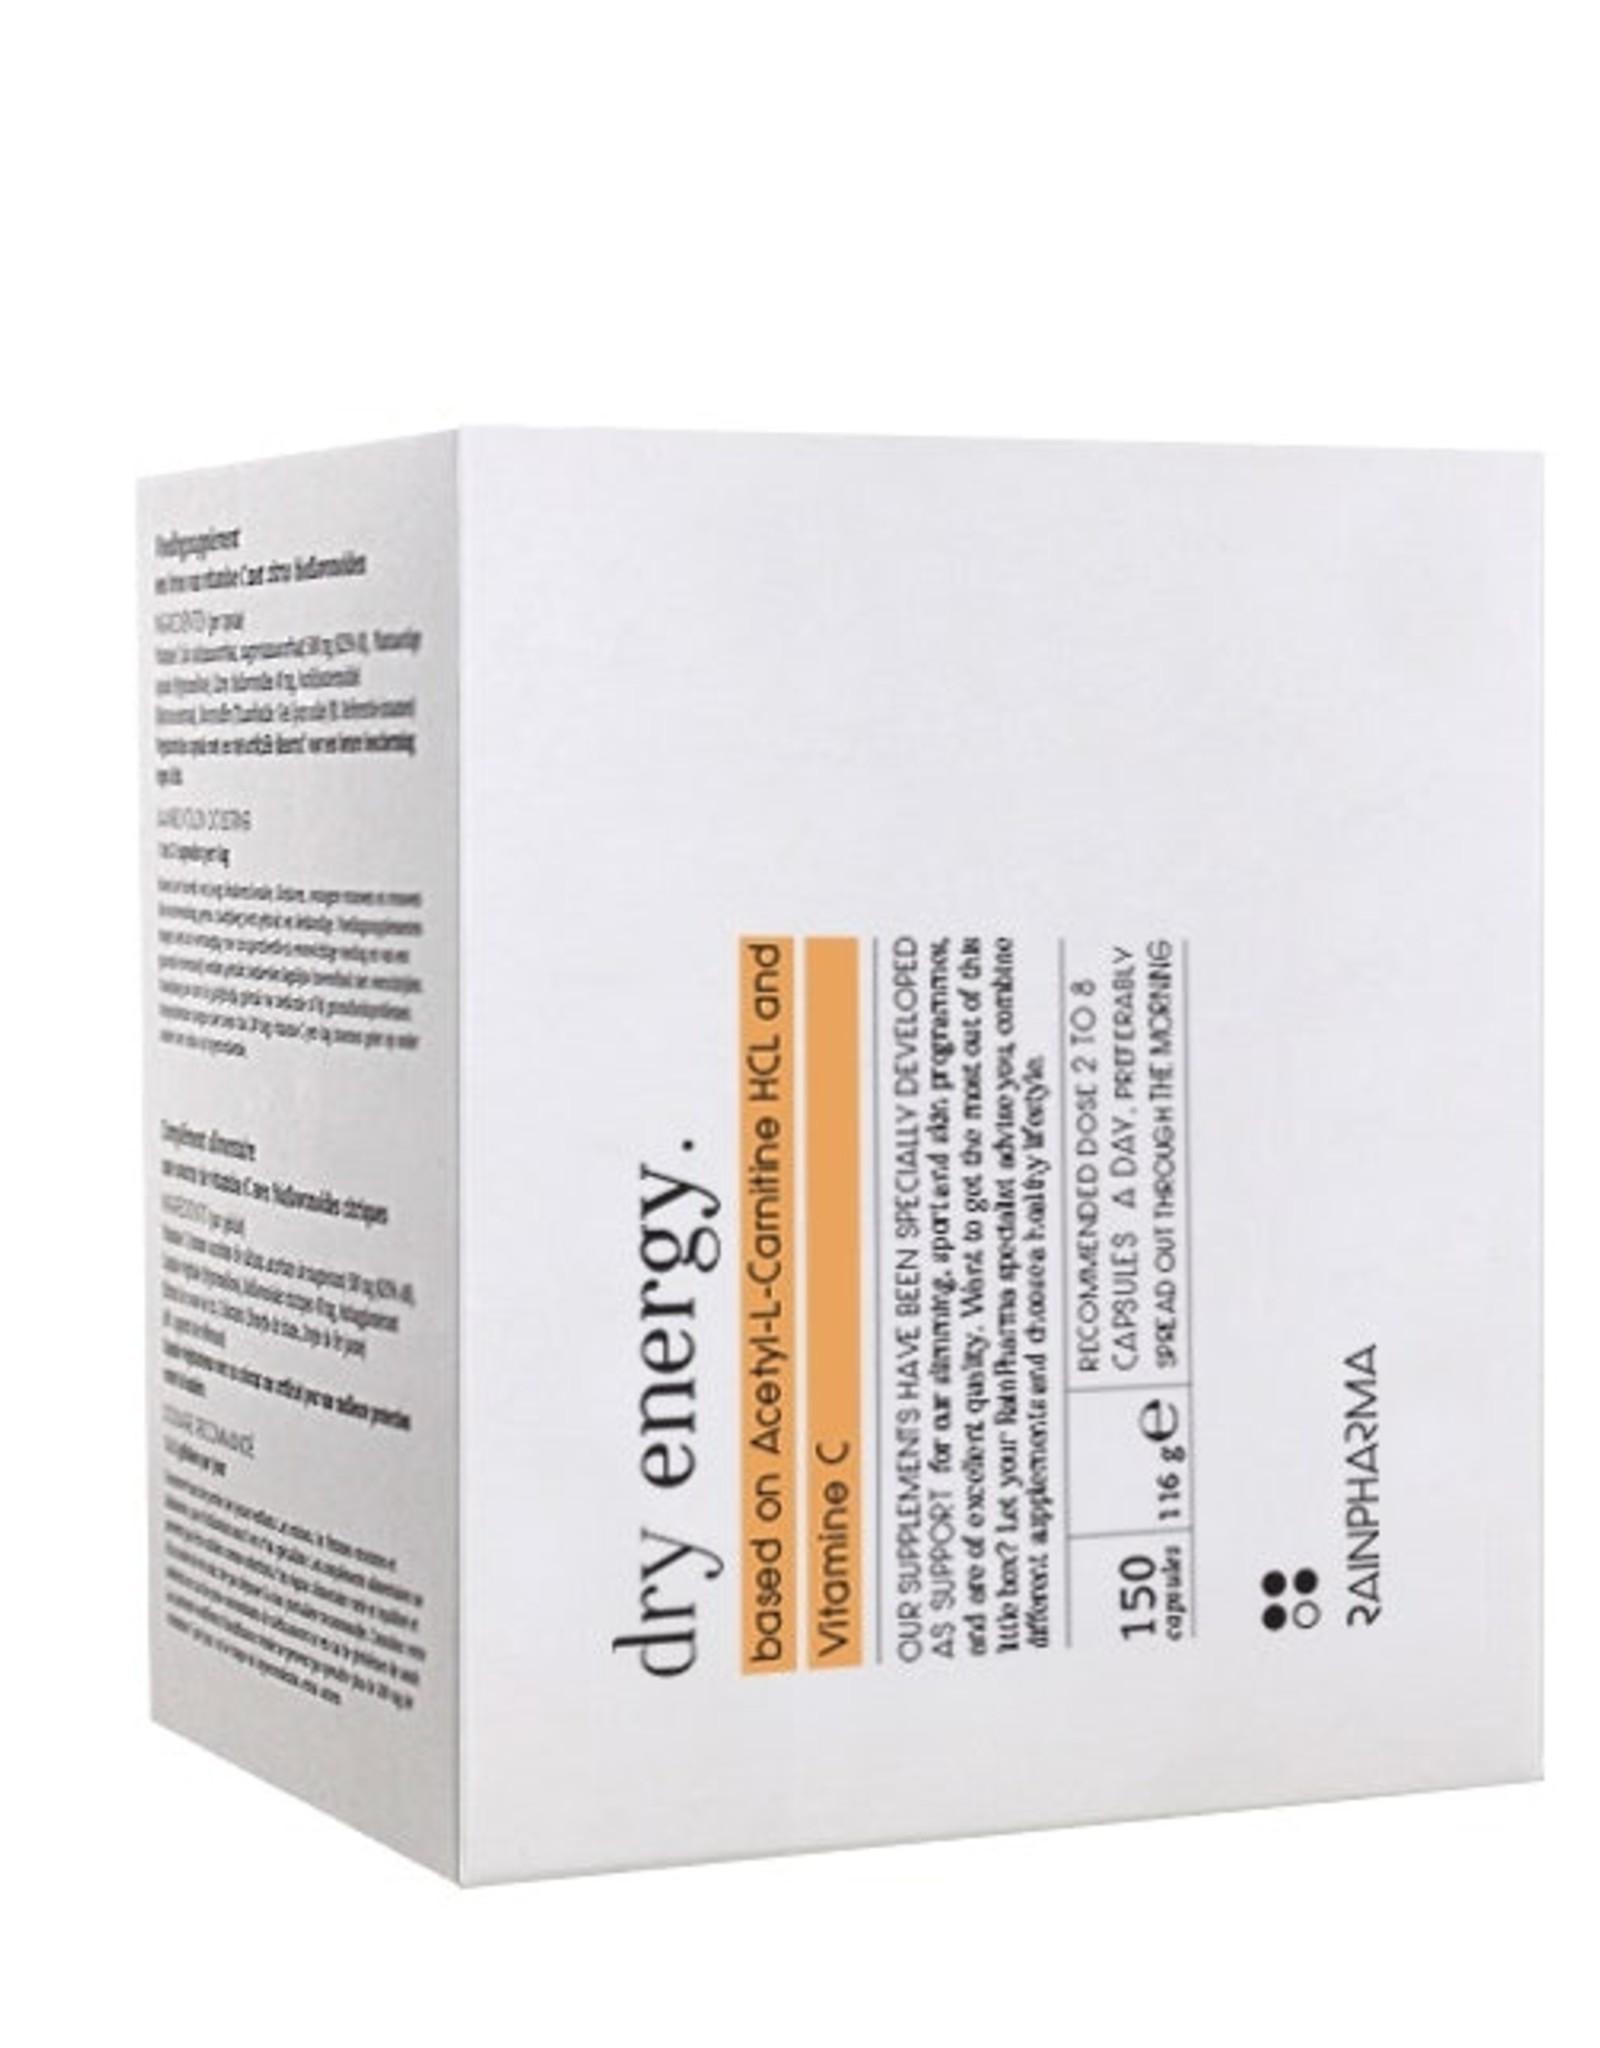 RainPharma Dry Energy 150 caps - Rainpharma